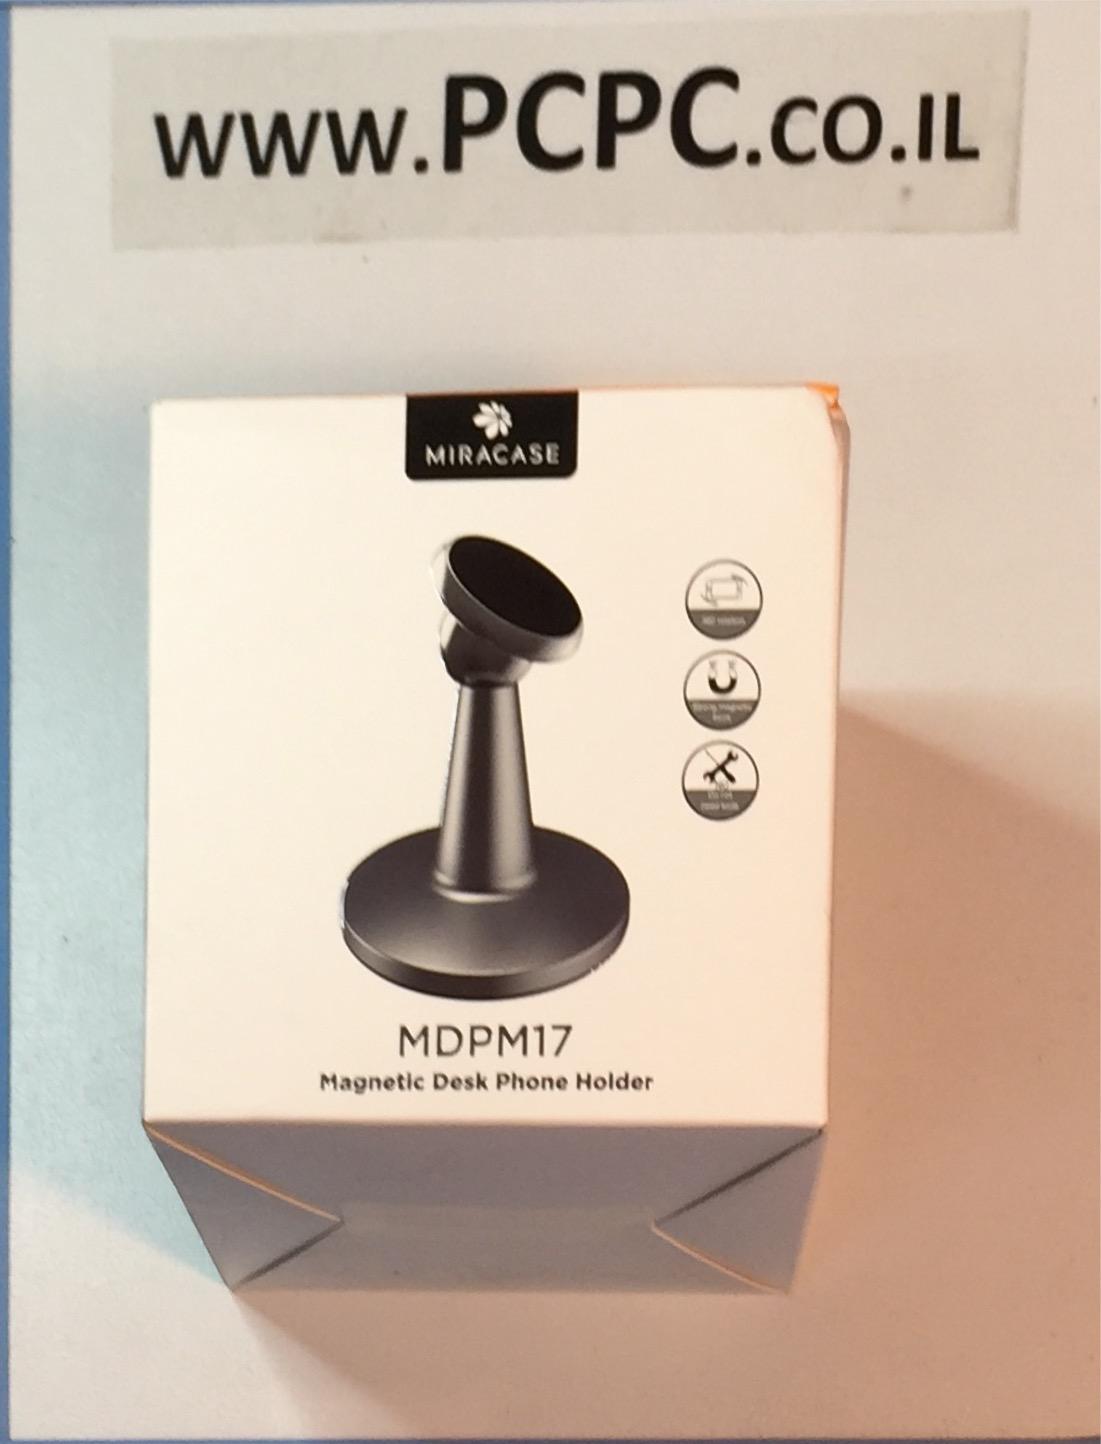 תושבת מגנטית שולחנית לטלפון סלולרי MIRACASE MDPM17